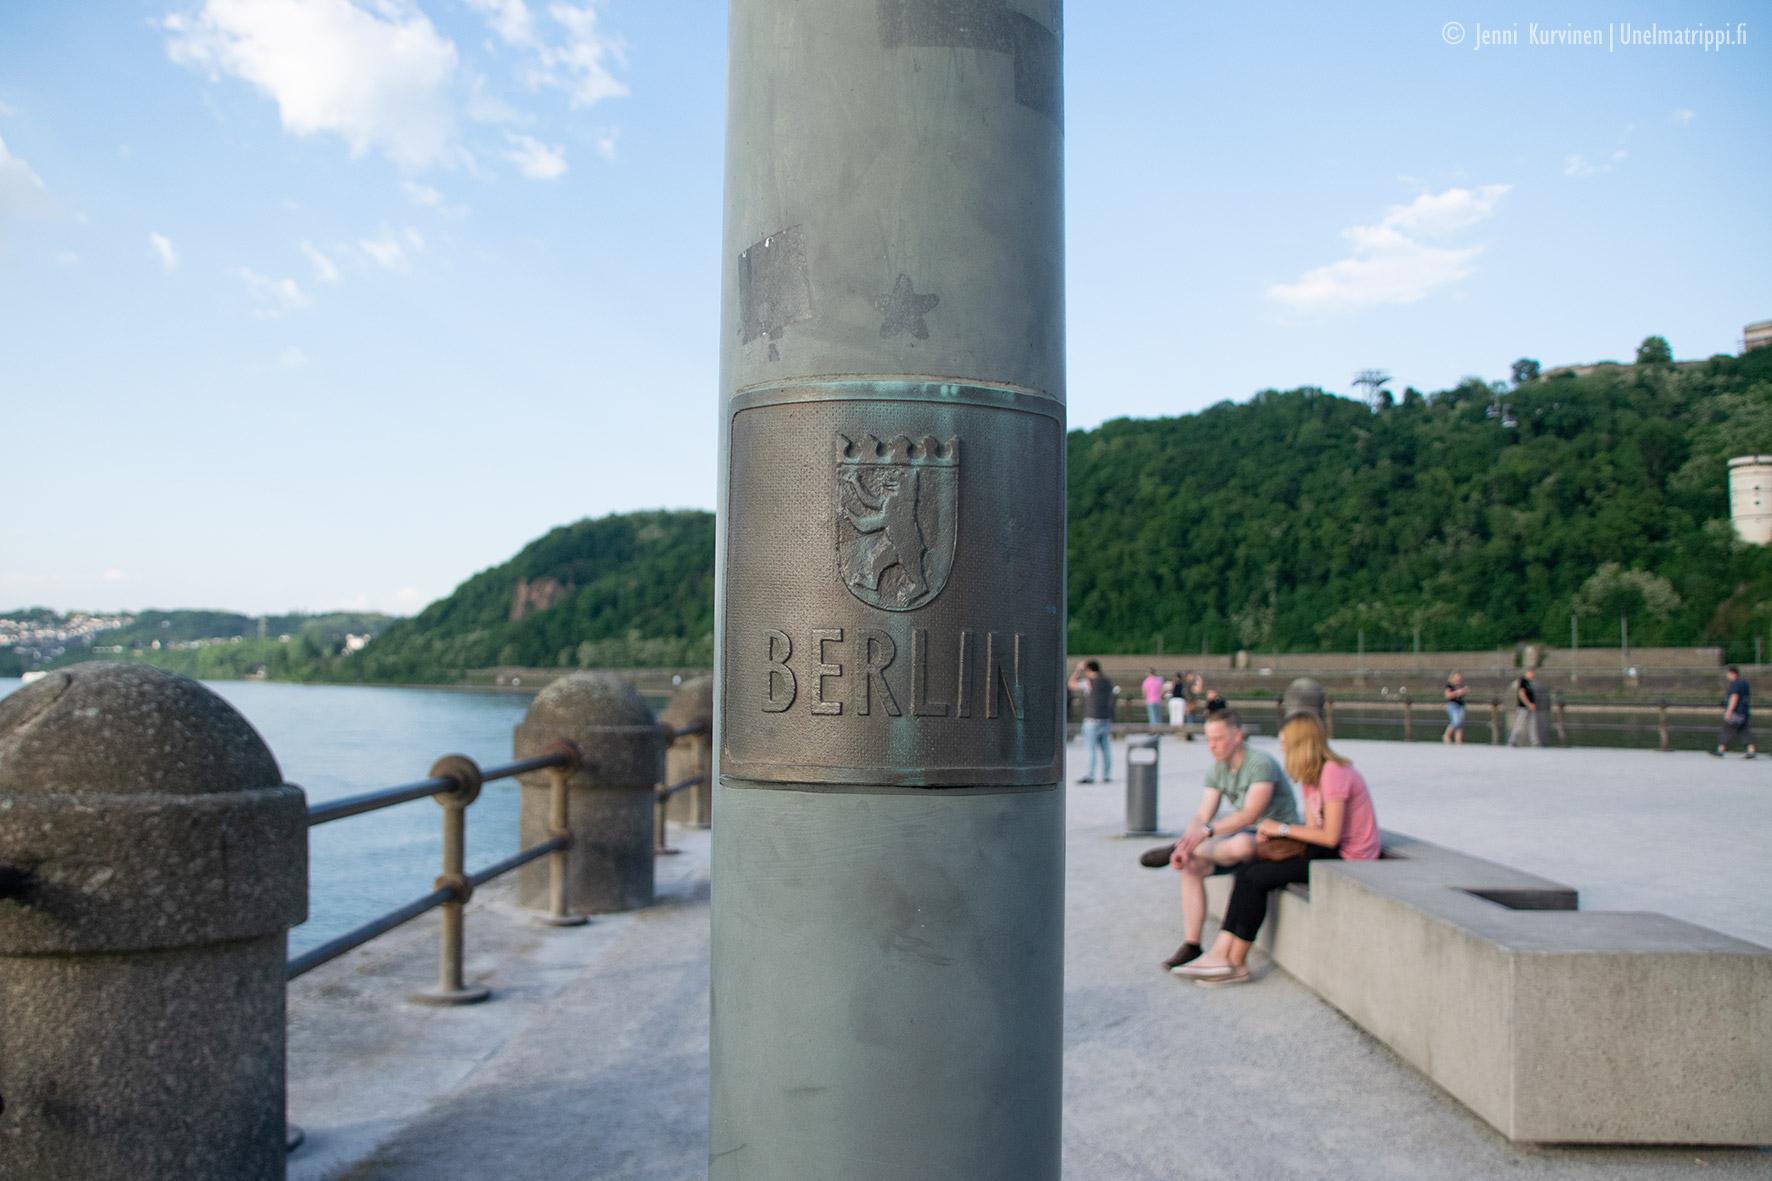 20180716-Unelmatrippi-Koblenz-DSC0383